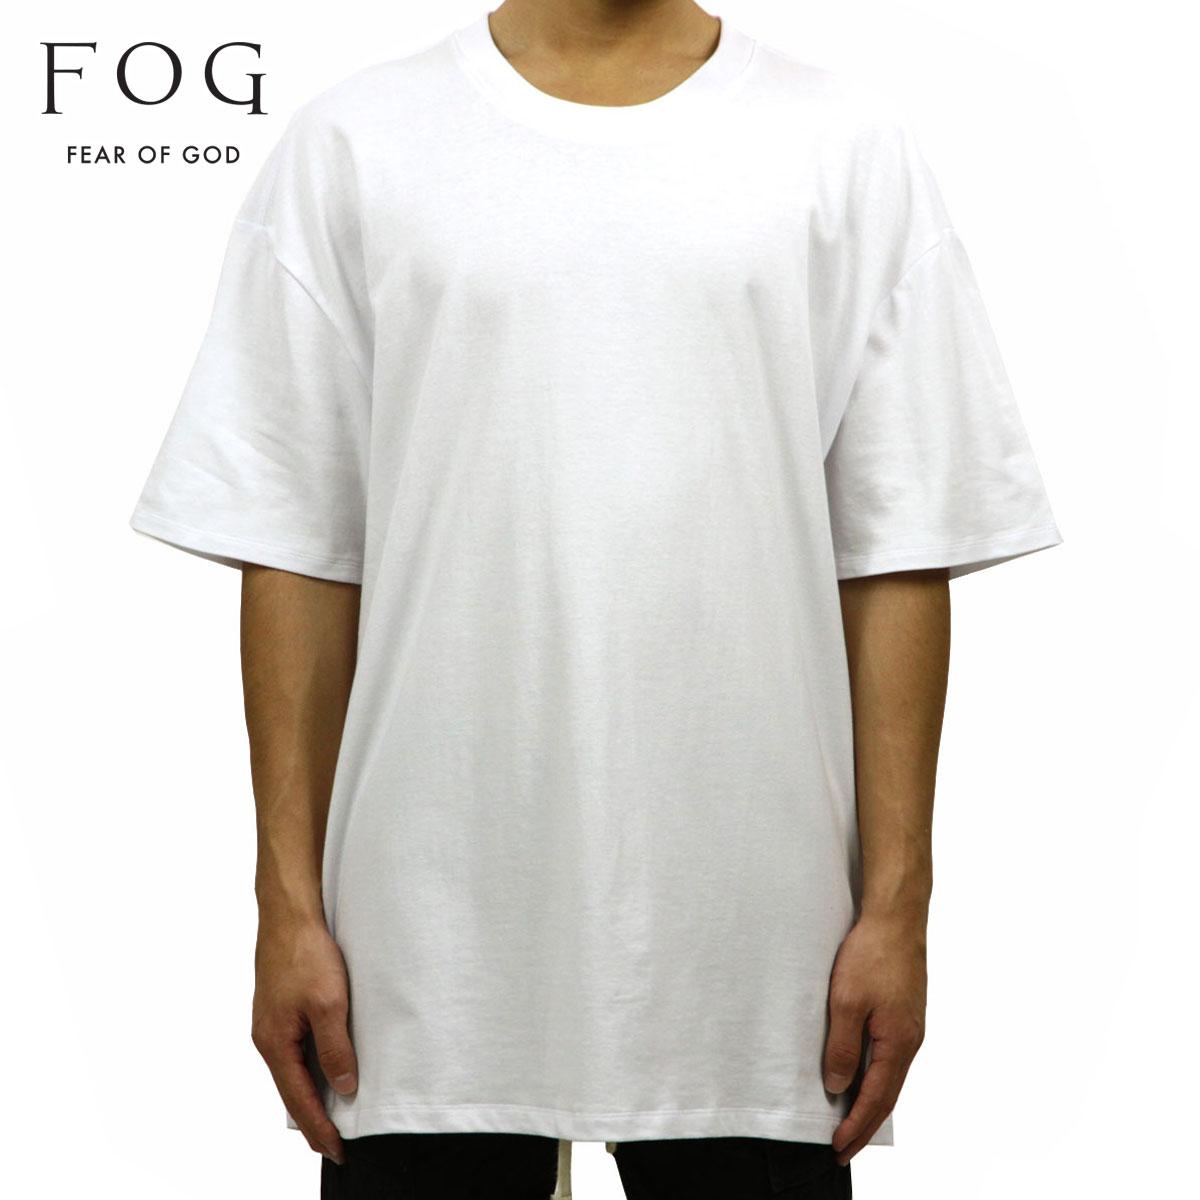 フィアオブゴッド FEAR OF GOD 正規品 メンズ クルーネック 無地 半袖Tシャツ FOG - FEAR OF GOD ESSENTIALS BOXY T-SHIRT WHITE